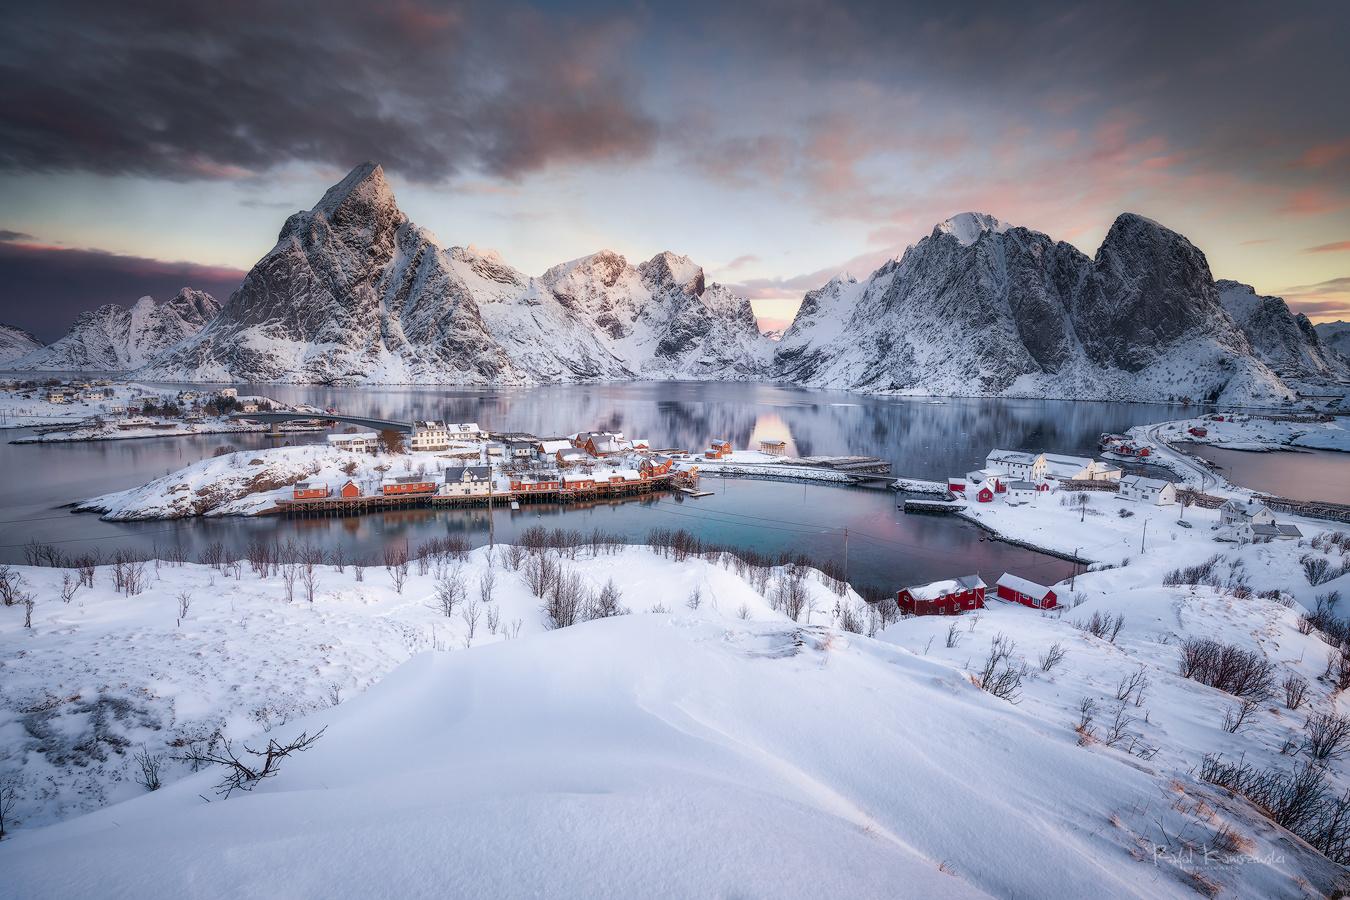 Winter morning by Rafal Kani